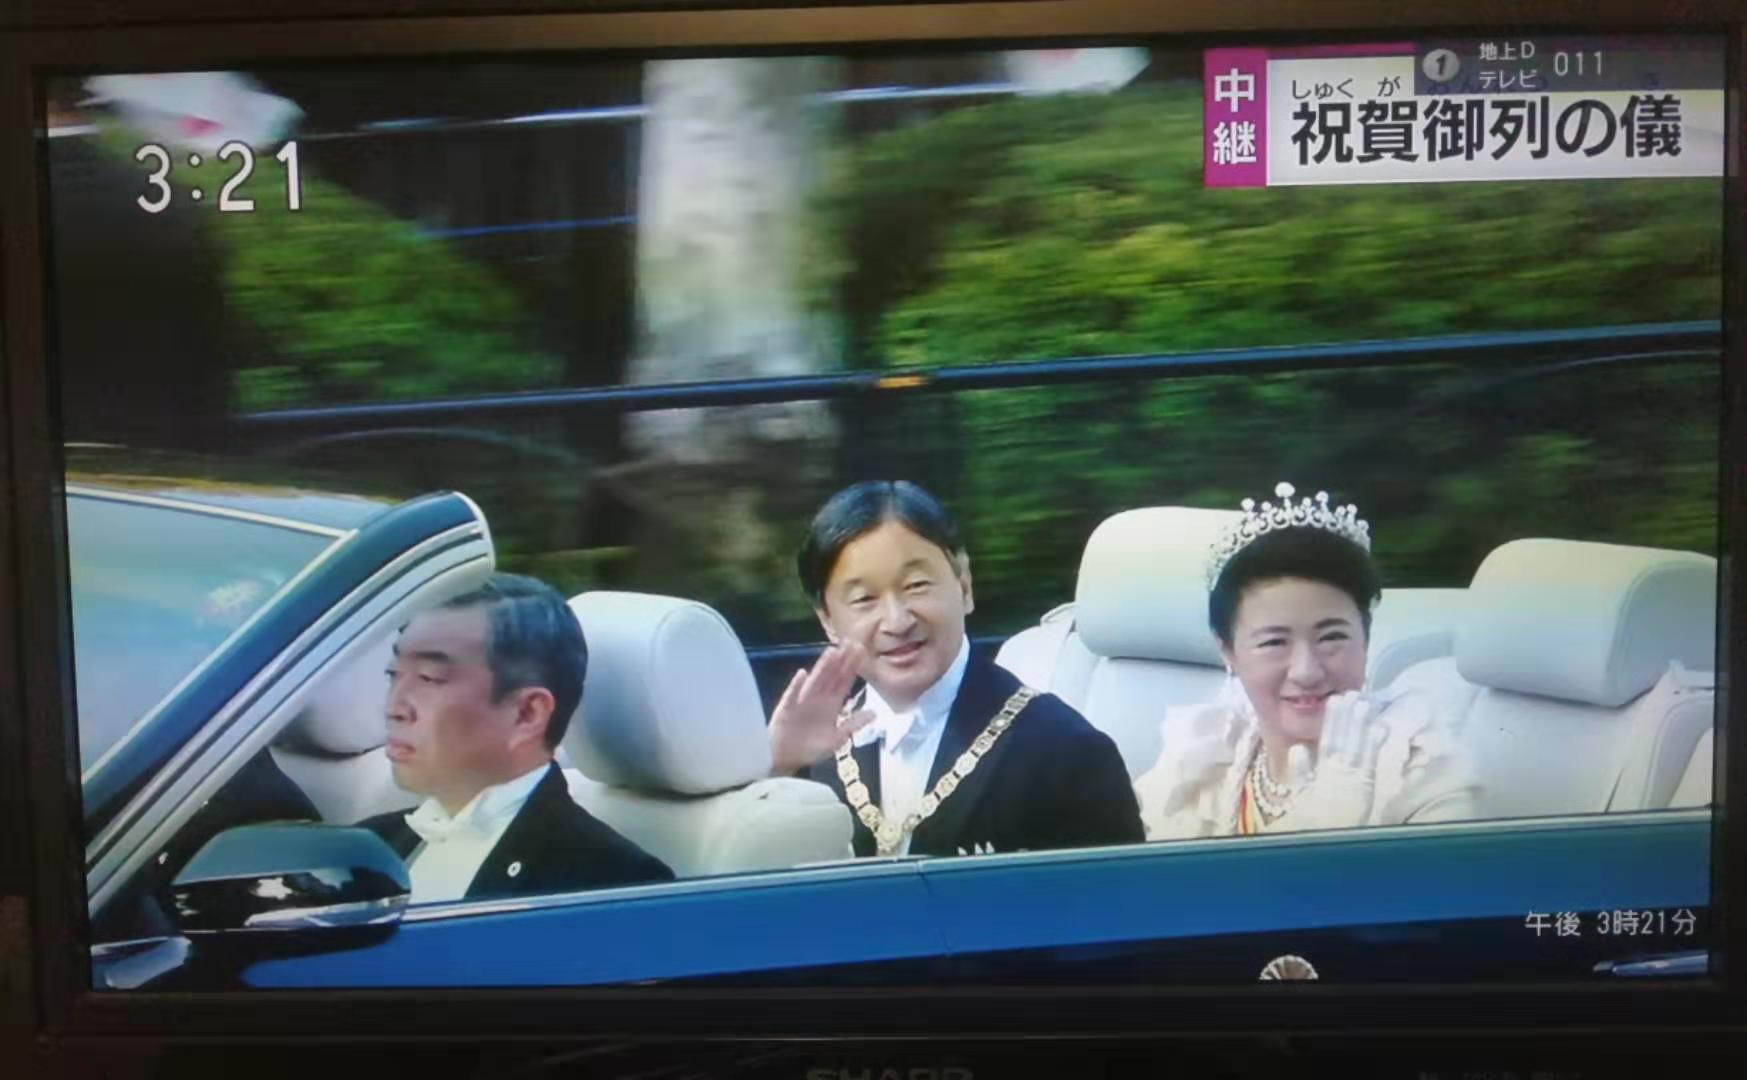 日本德仁天皇即位祝贺巡游现场万人祝福